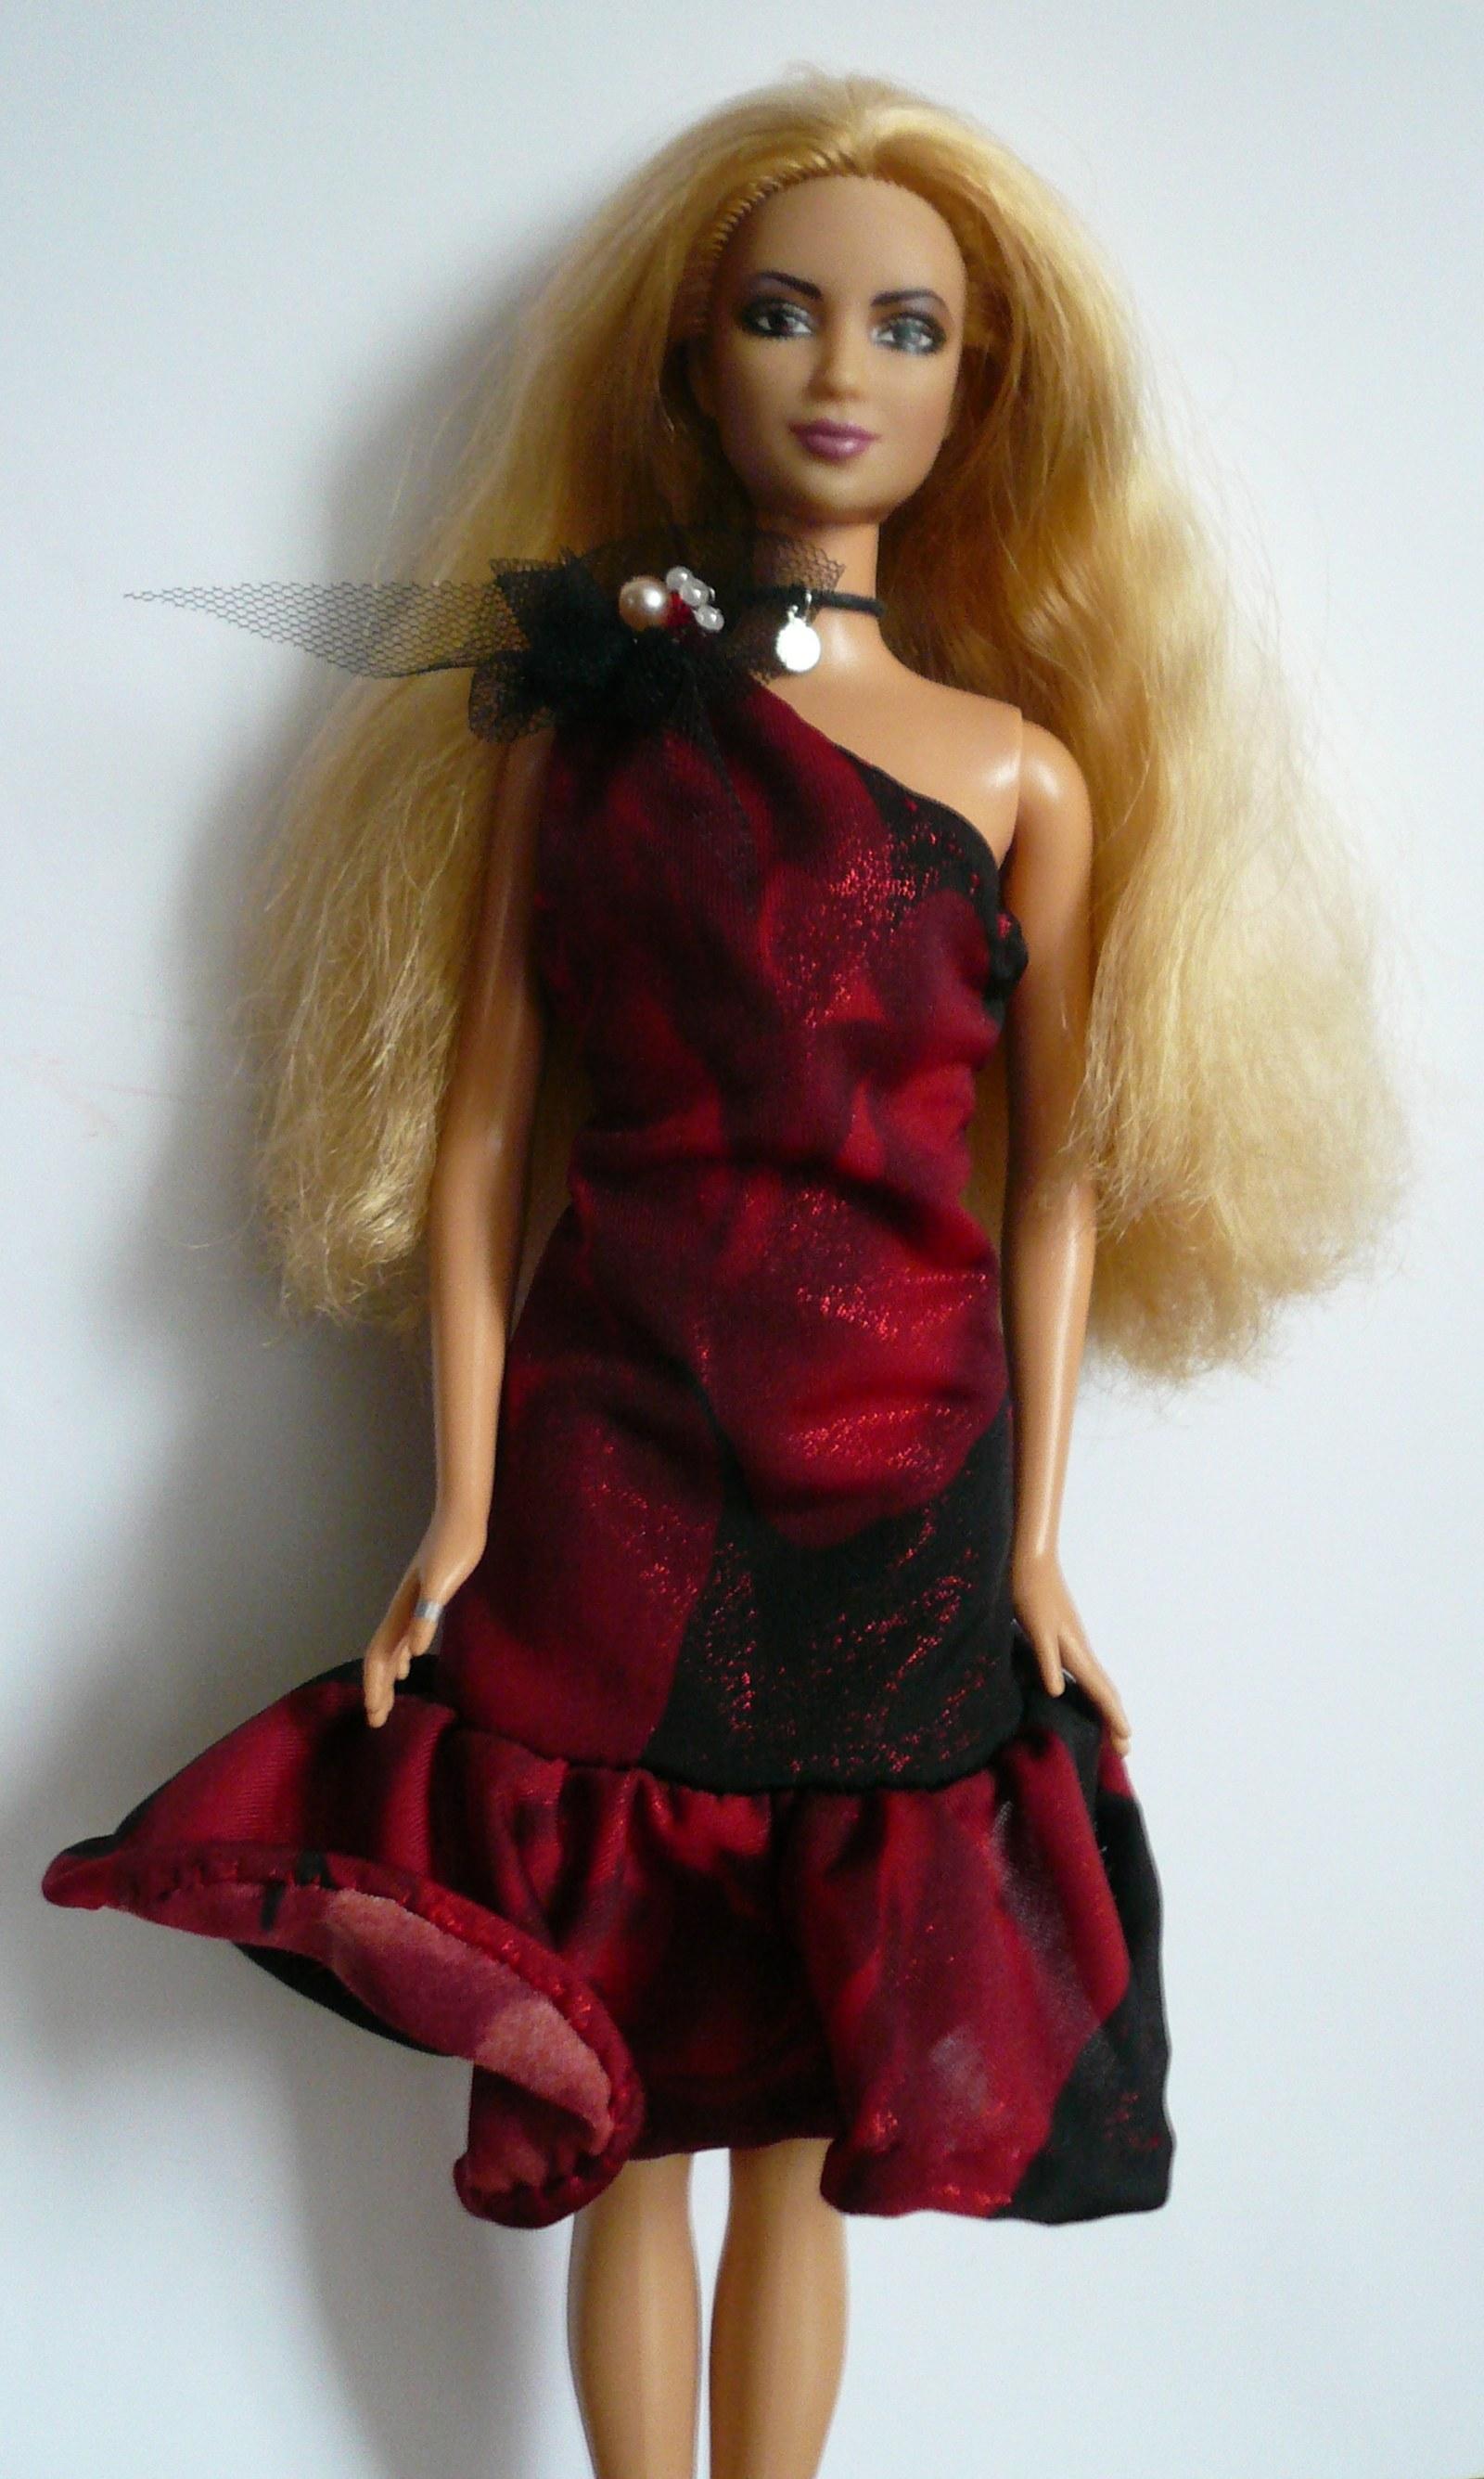 Rudé šaty   Zboží prodejce Jane-s  d05eca5149